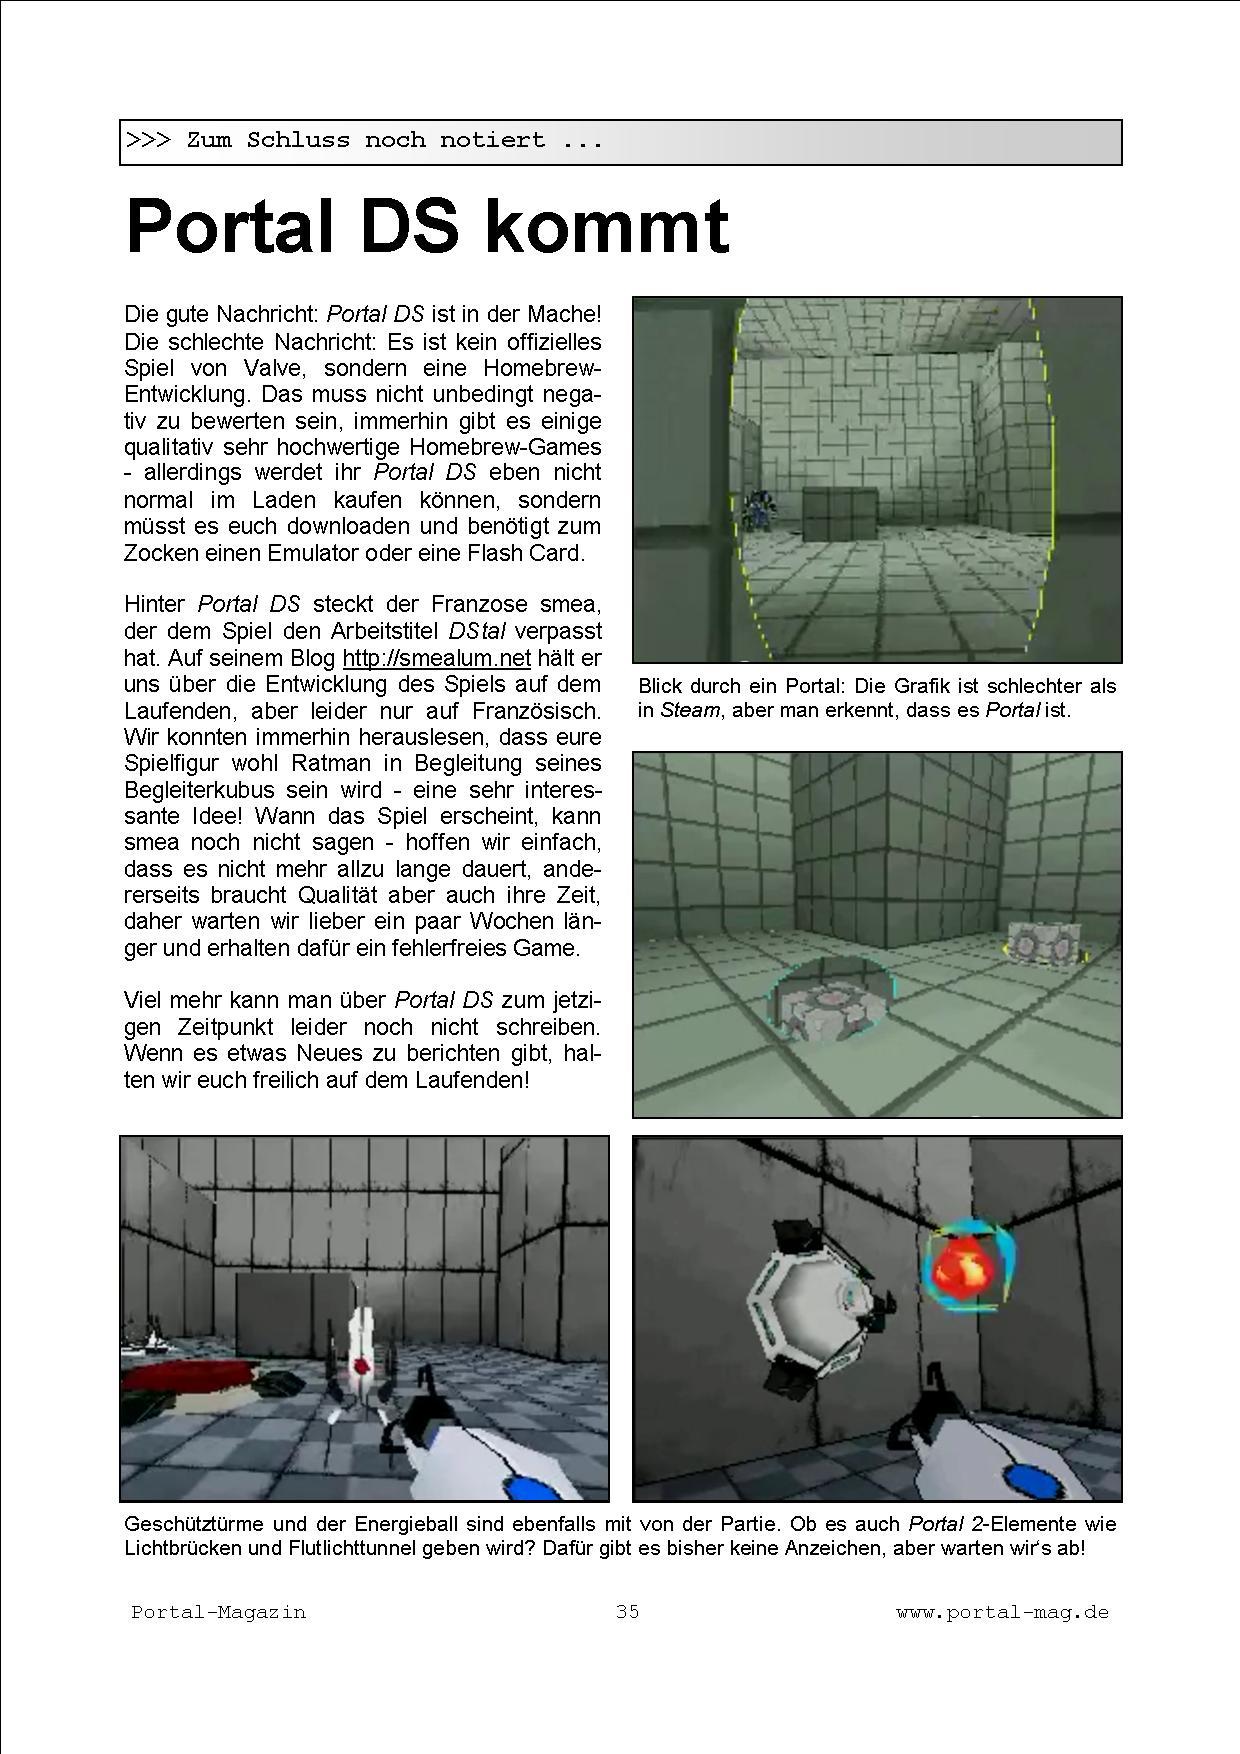 Ausgabe 13, Seite 35